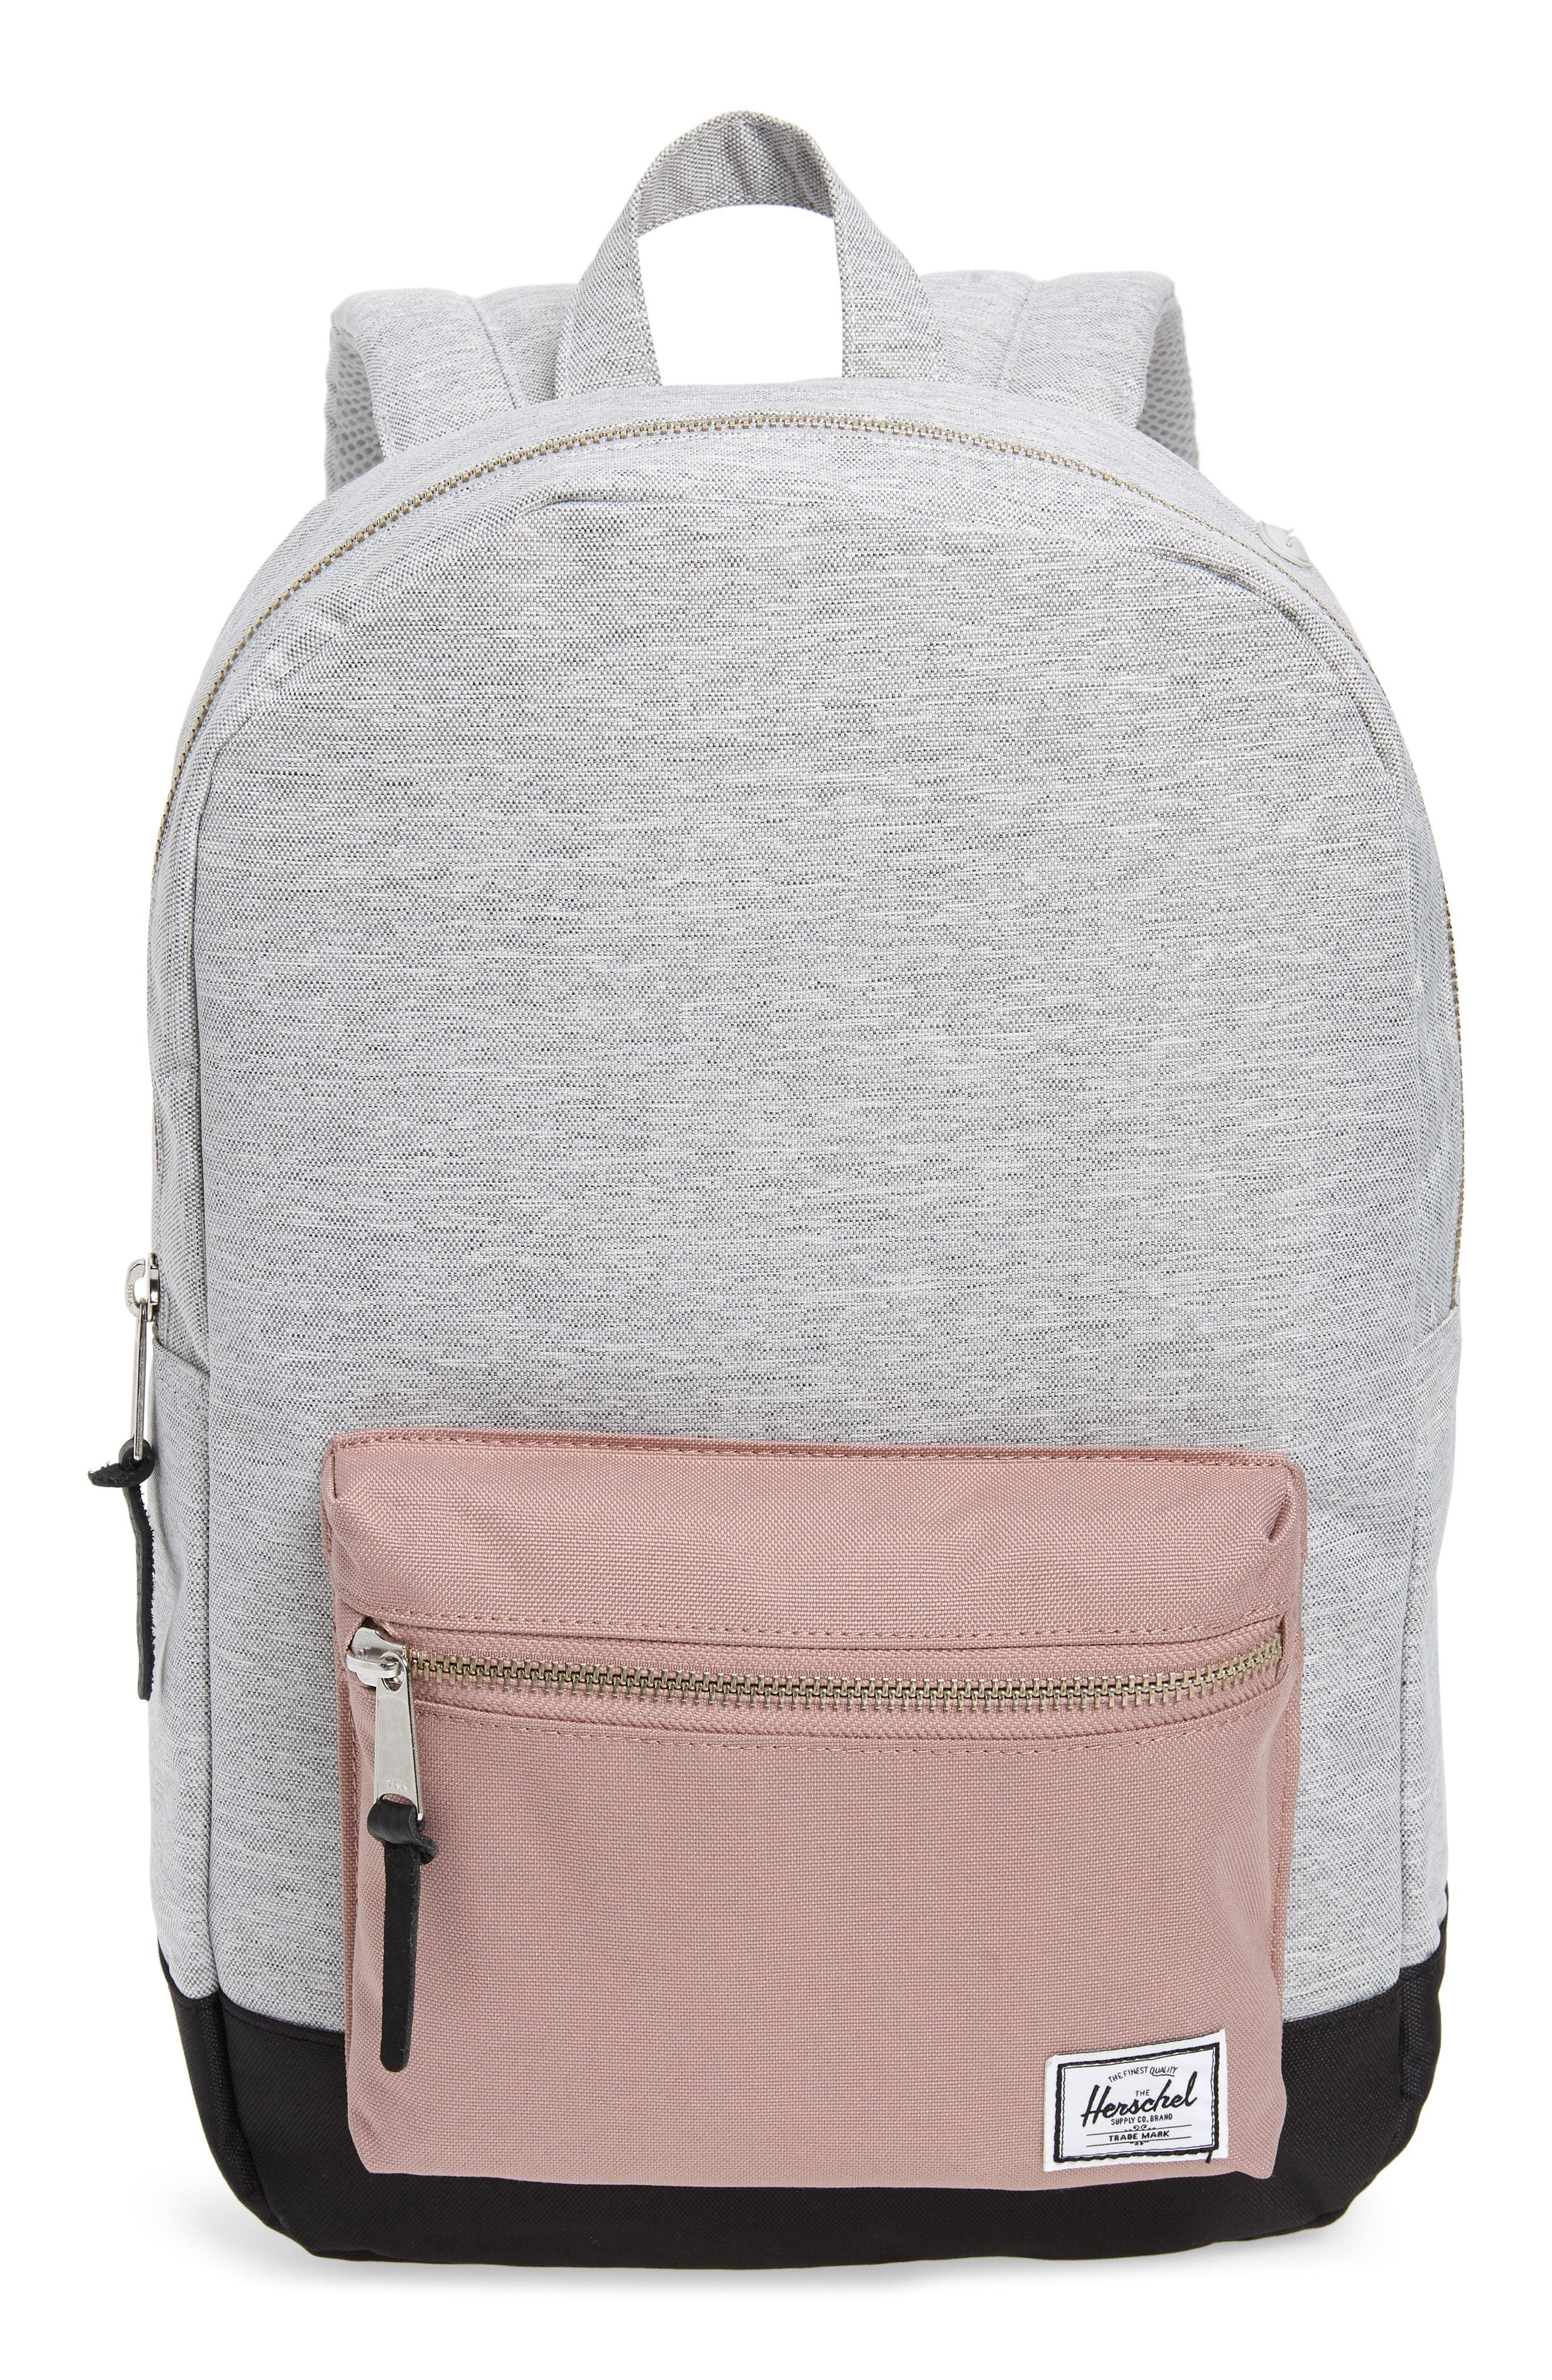 50851a967a Grey Backpacks Herschel Supply Co. Settlet Mid Volume Backpack